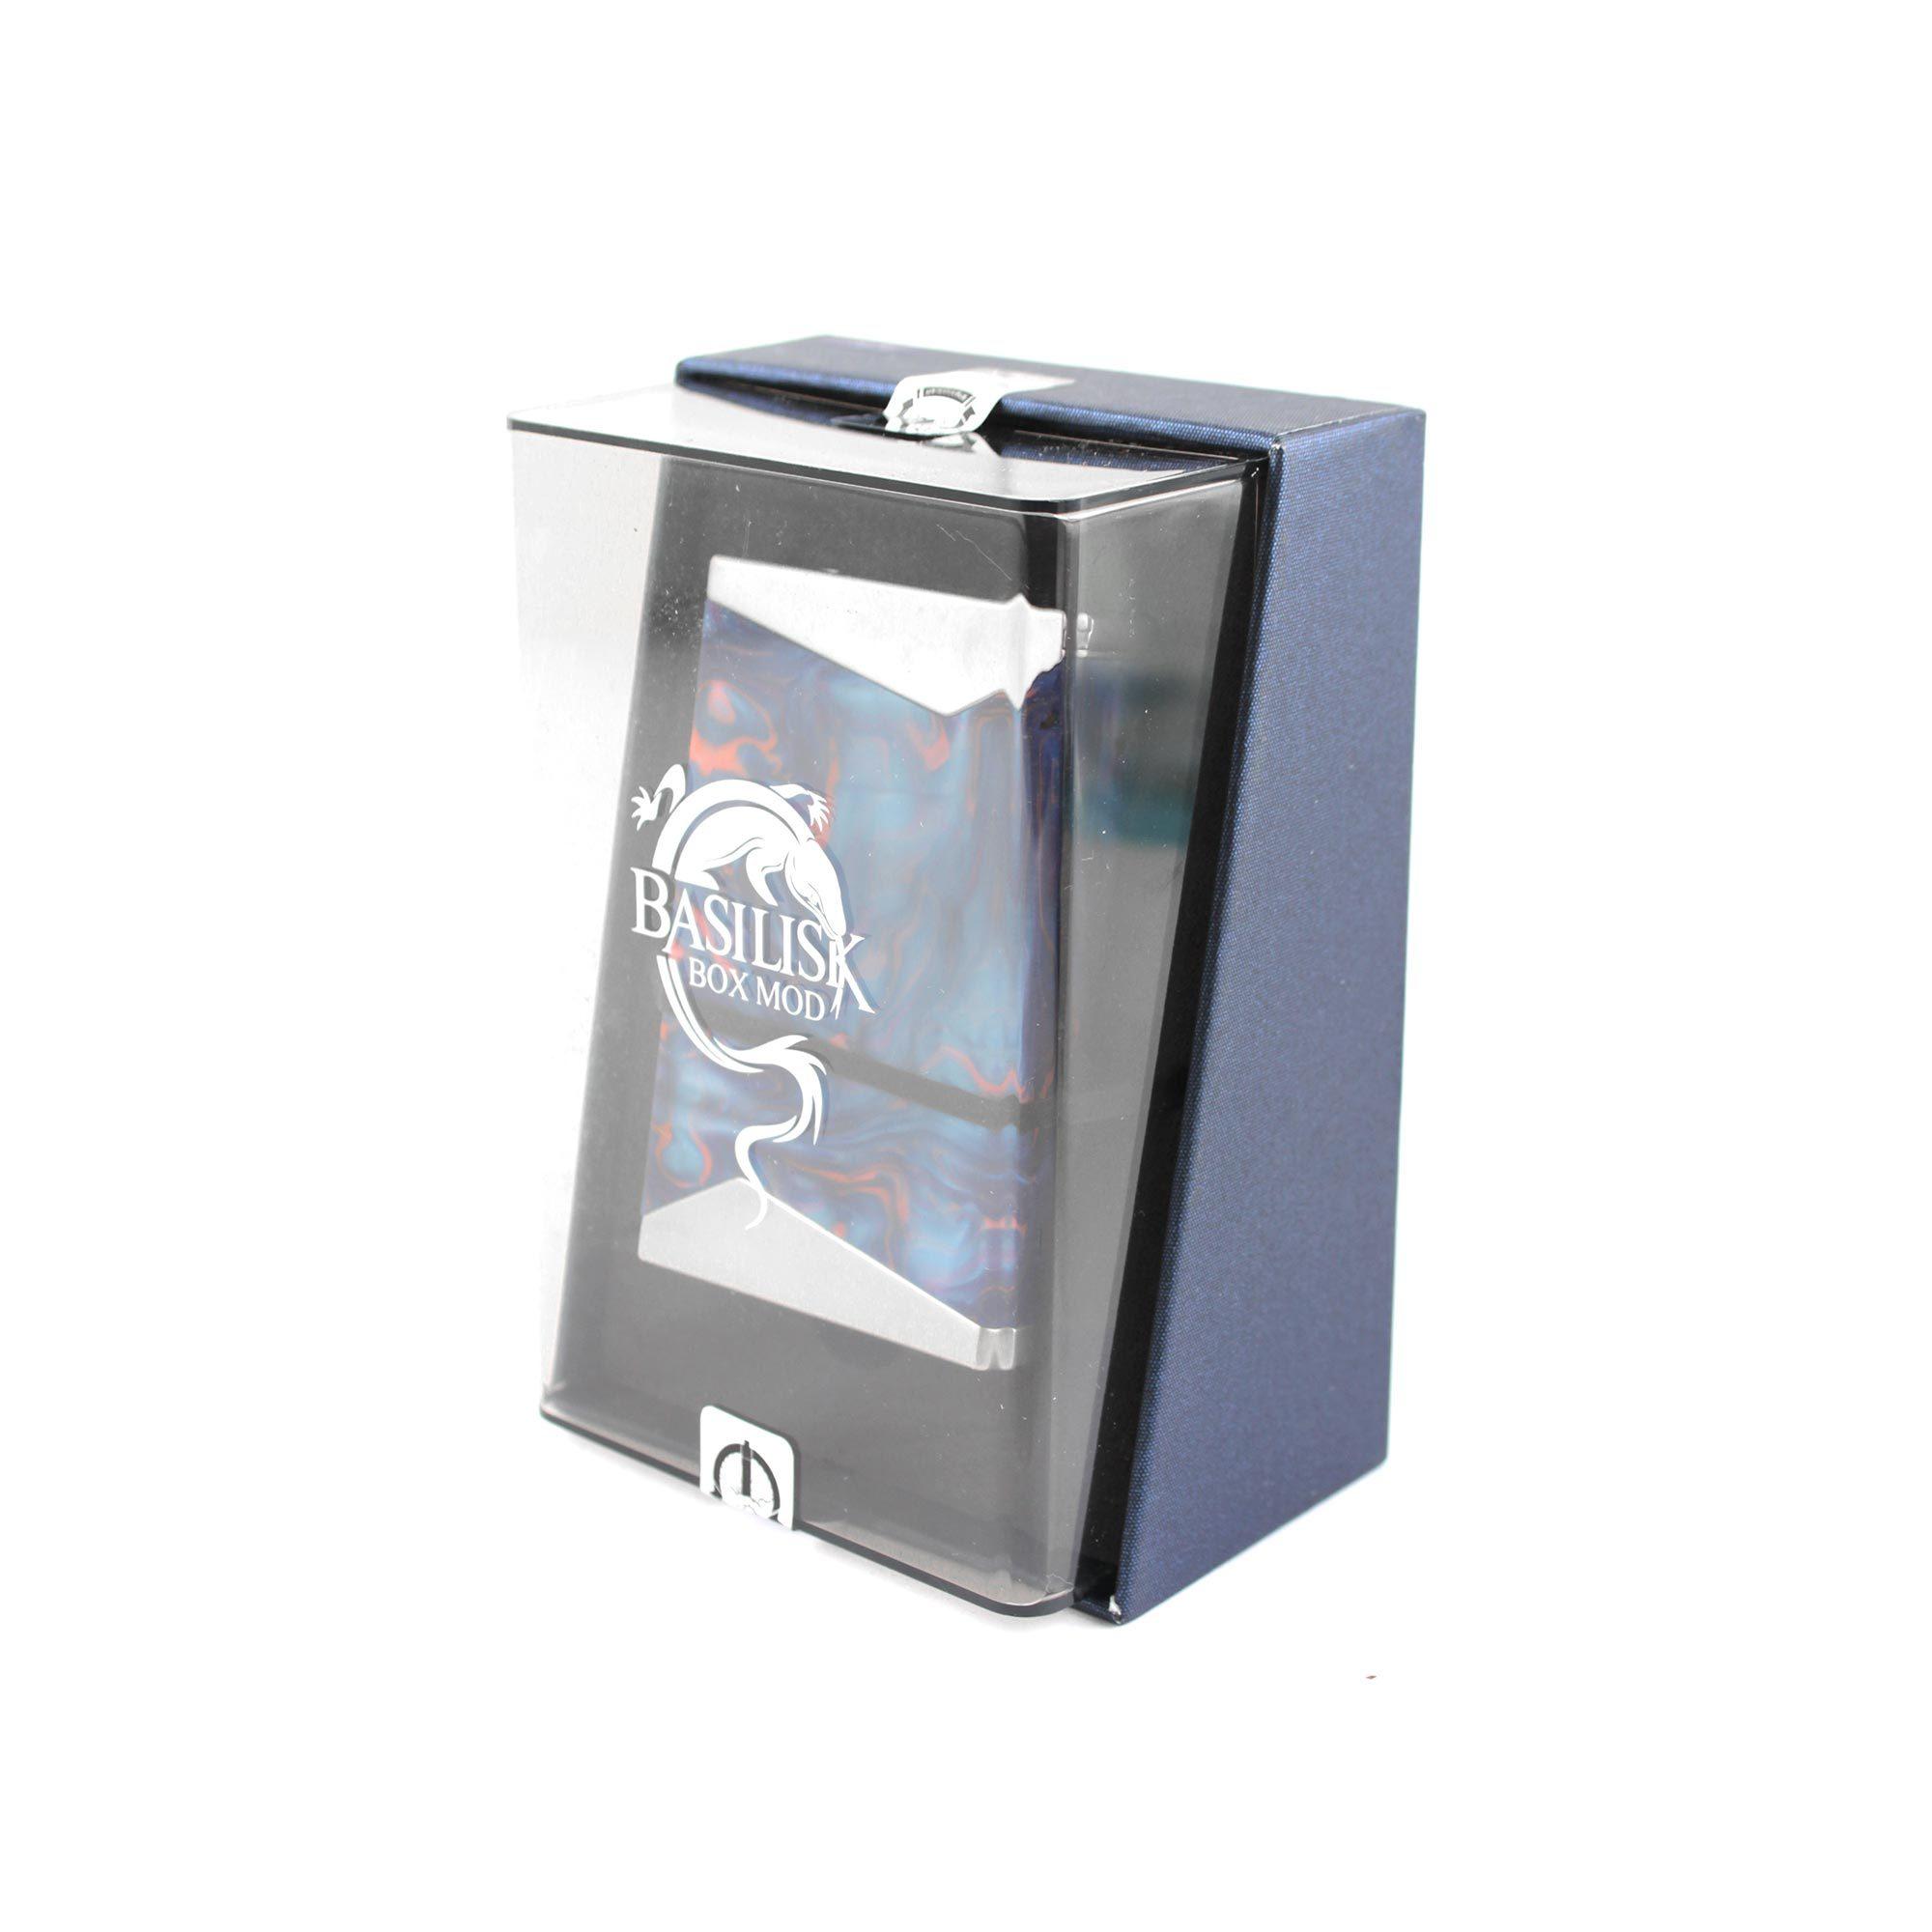 Фирменная пластиковая коробка для WOTOFO&Stentorian Basilisk 200W